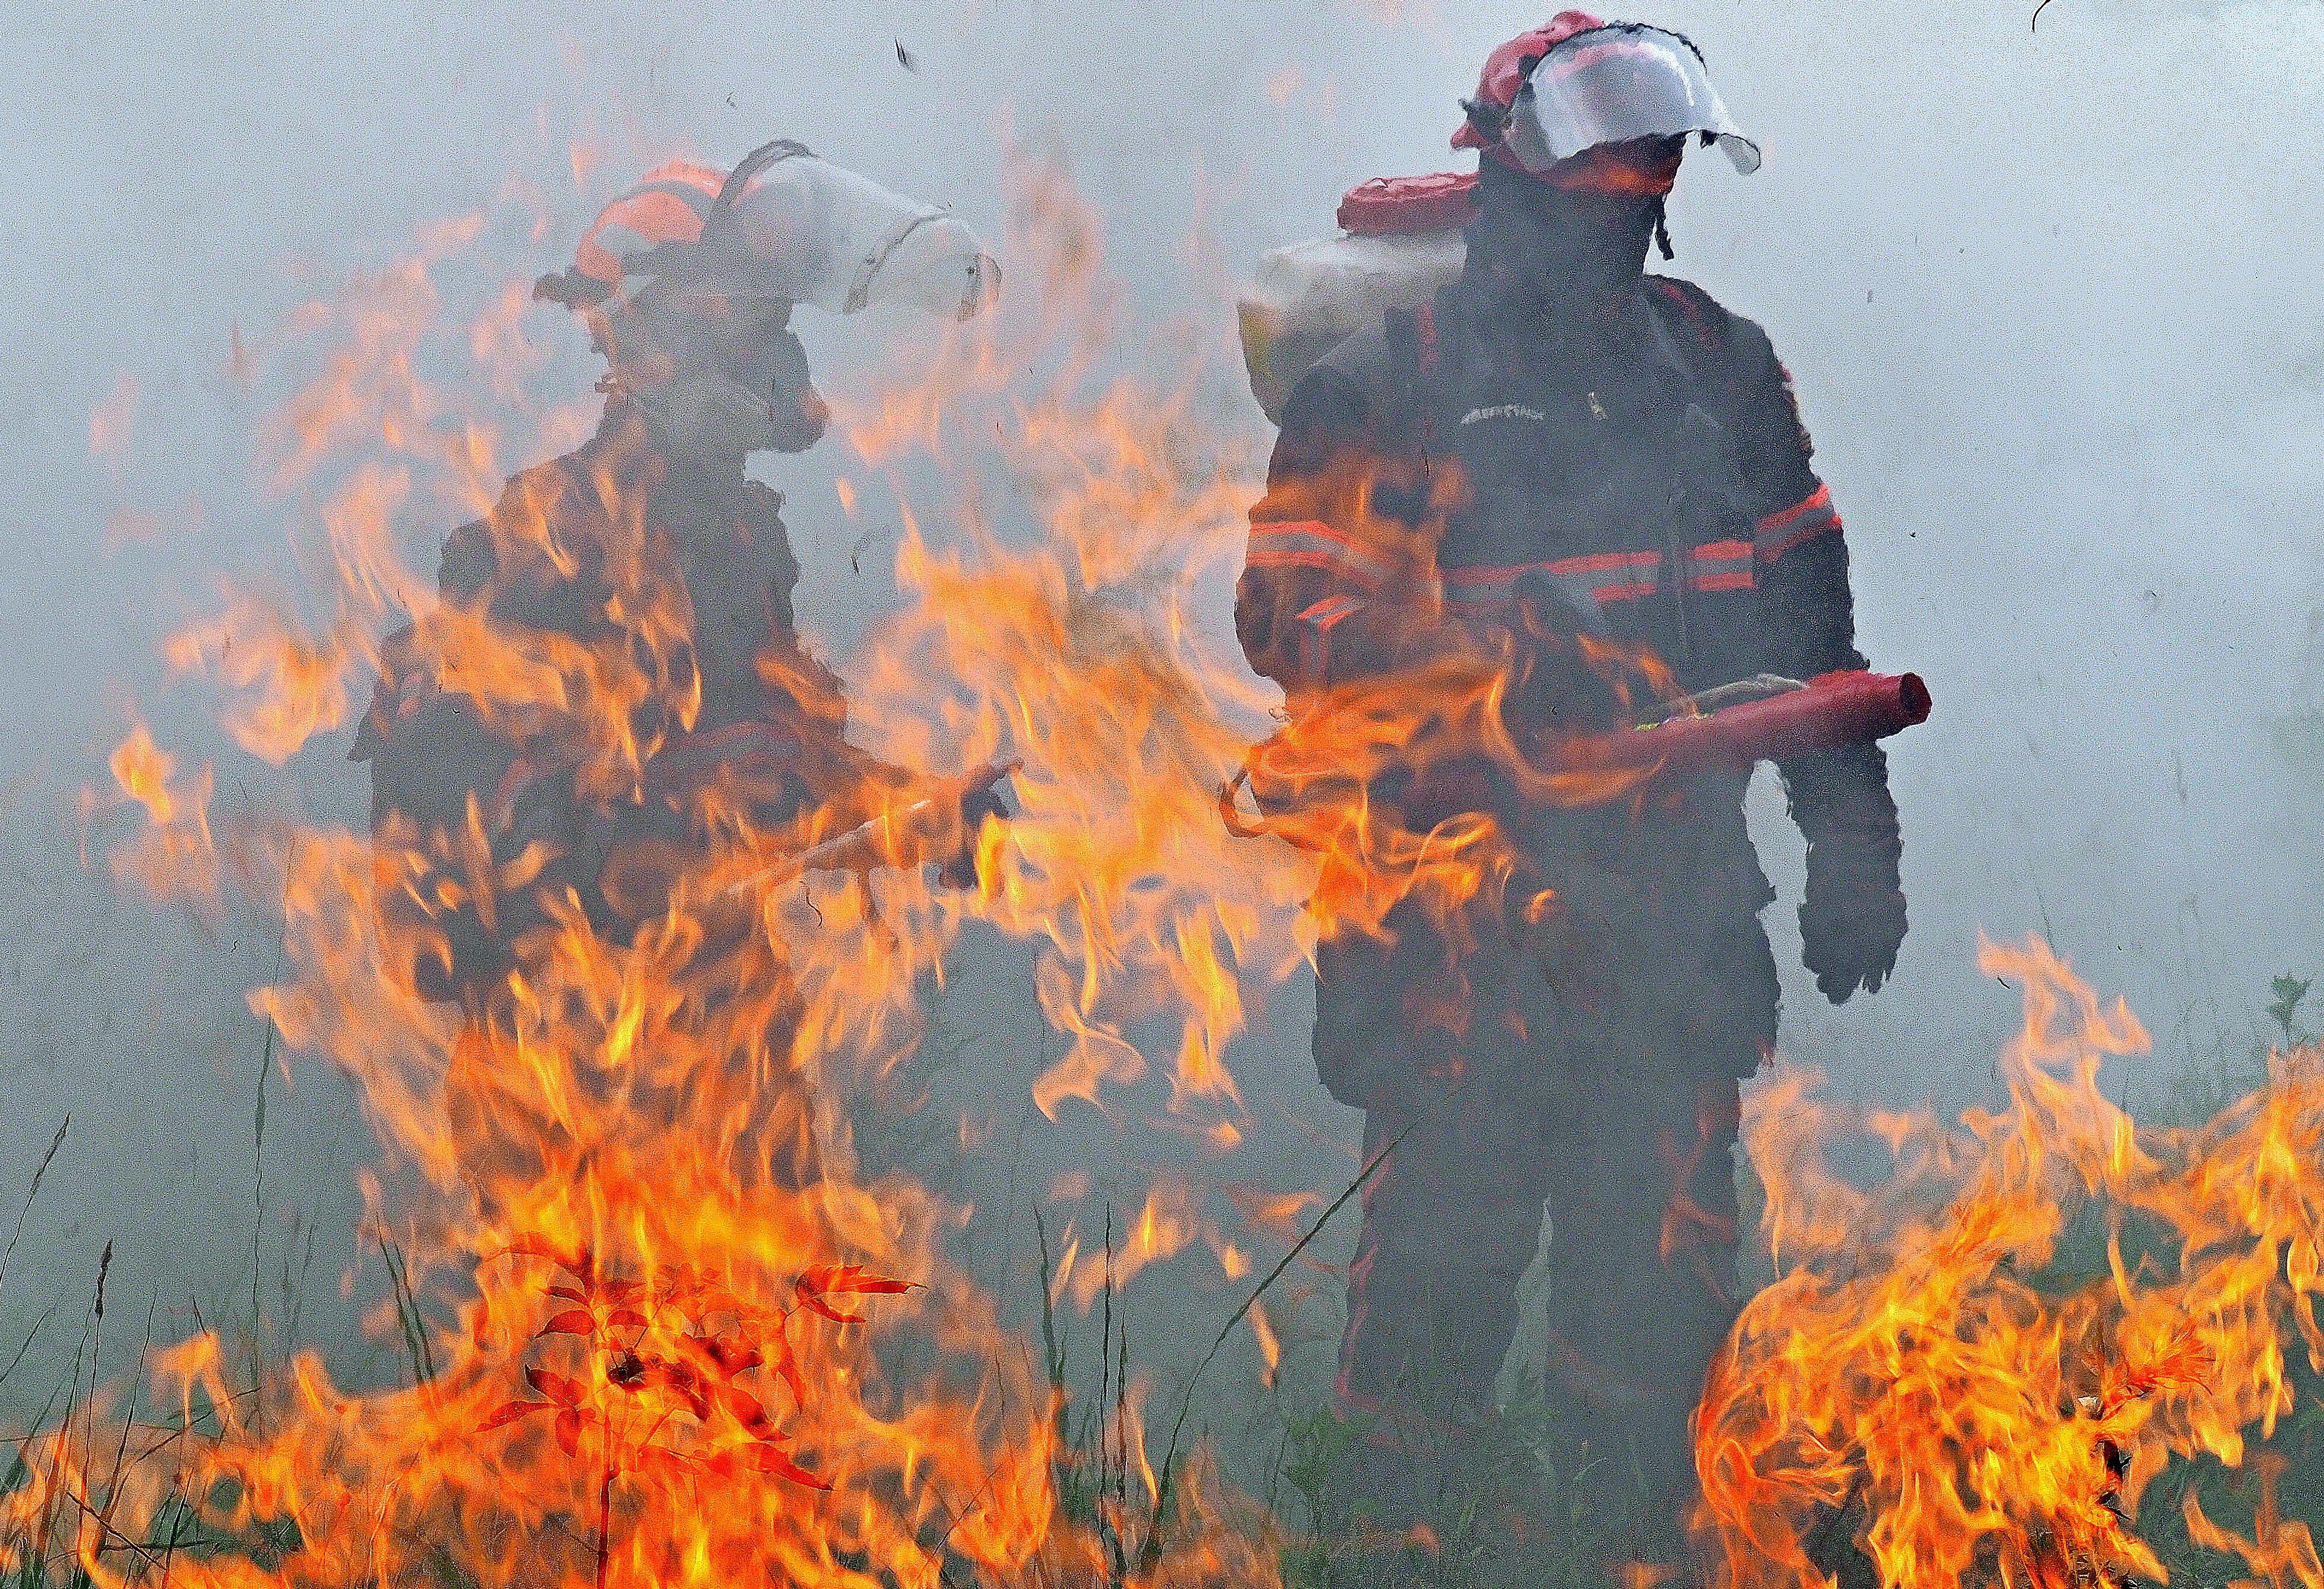 МЧС потушило 30-метровый пожар в автосервисе и магазине на юге Москвы